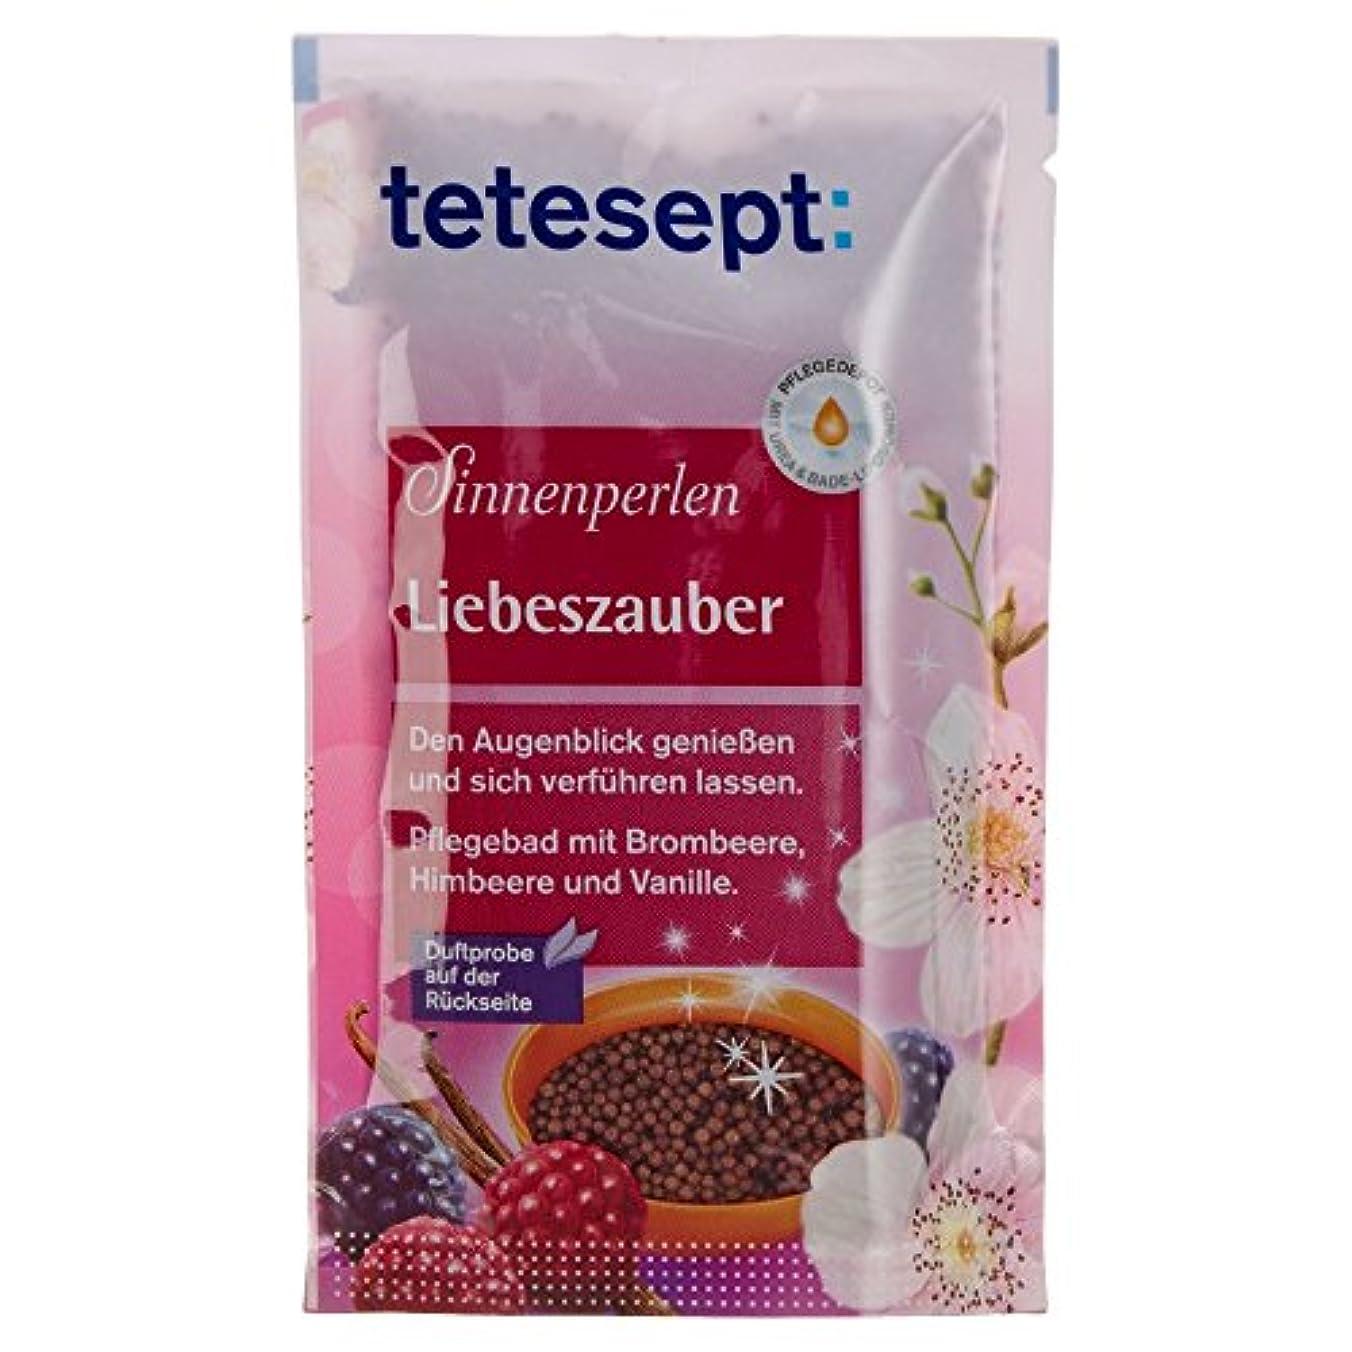 疑わしい肥料気づくなるTetesept Sinnenperlen Liebeszauber Brombeere, Himbeere & Vanille 80 g